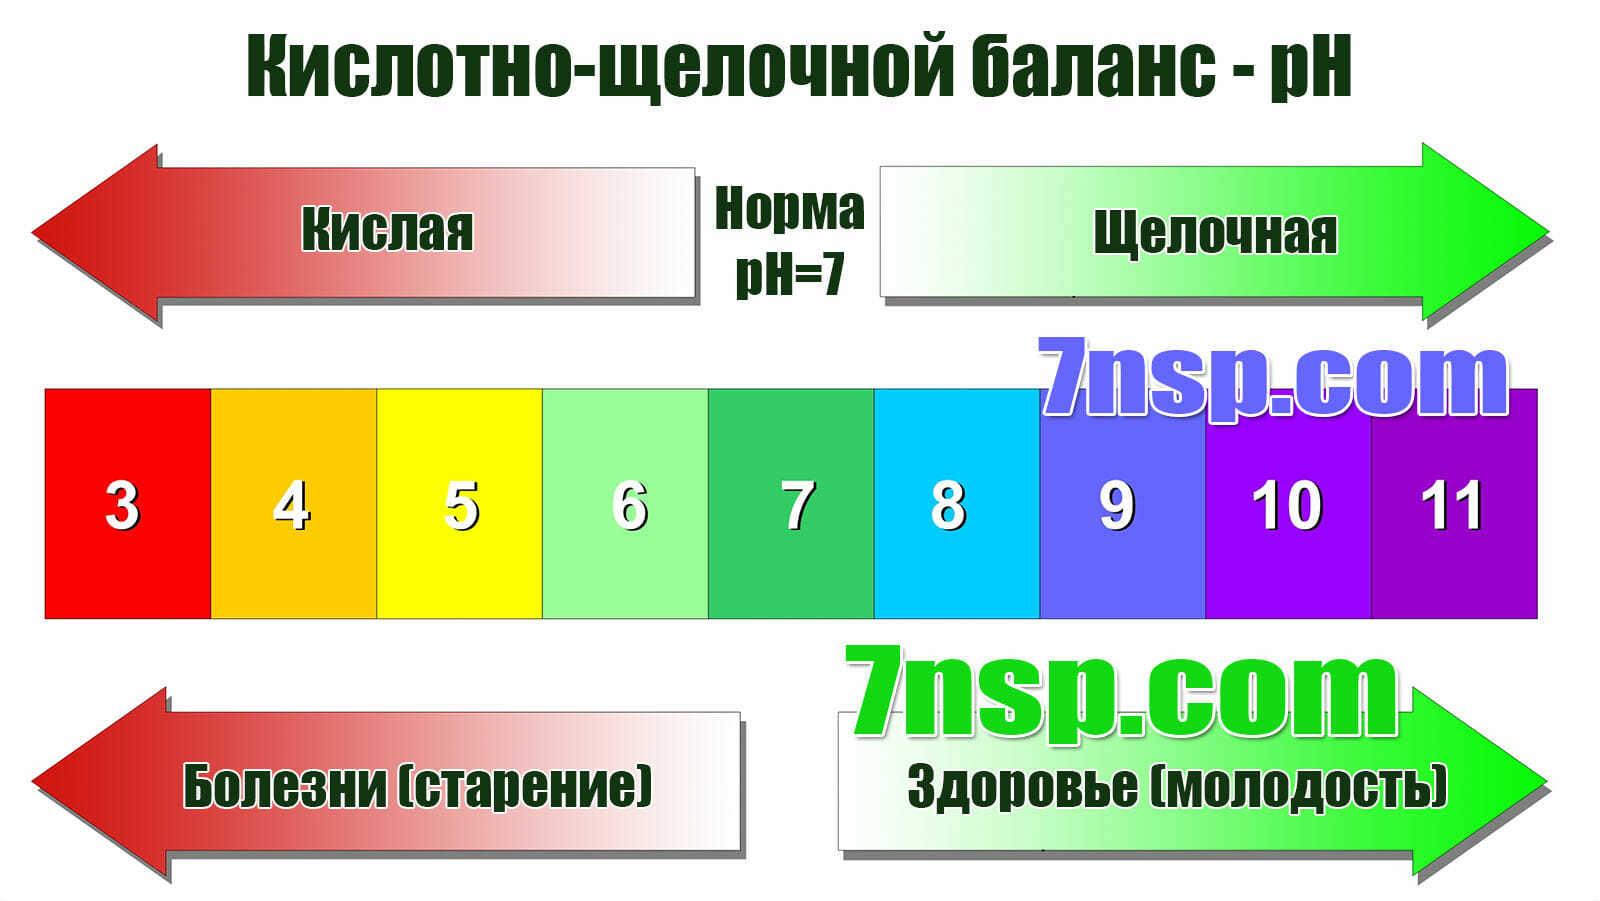 pH-таблица кислотно-щелочного баланса, ощелачивания организма